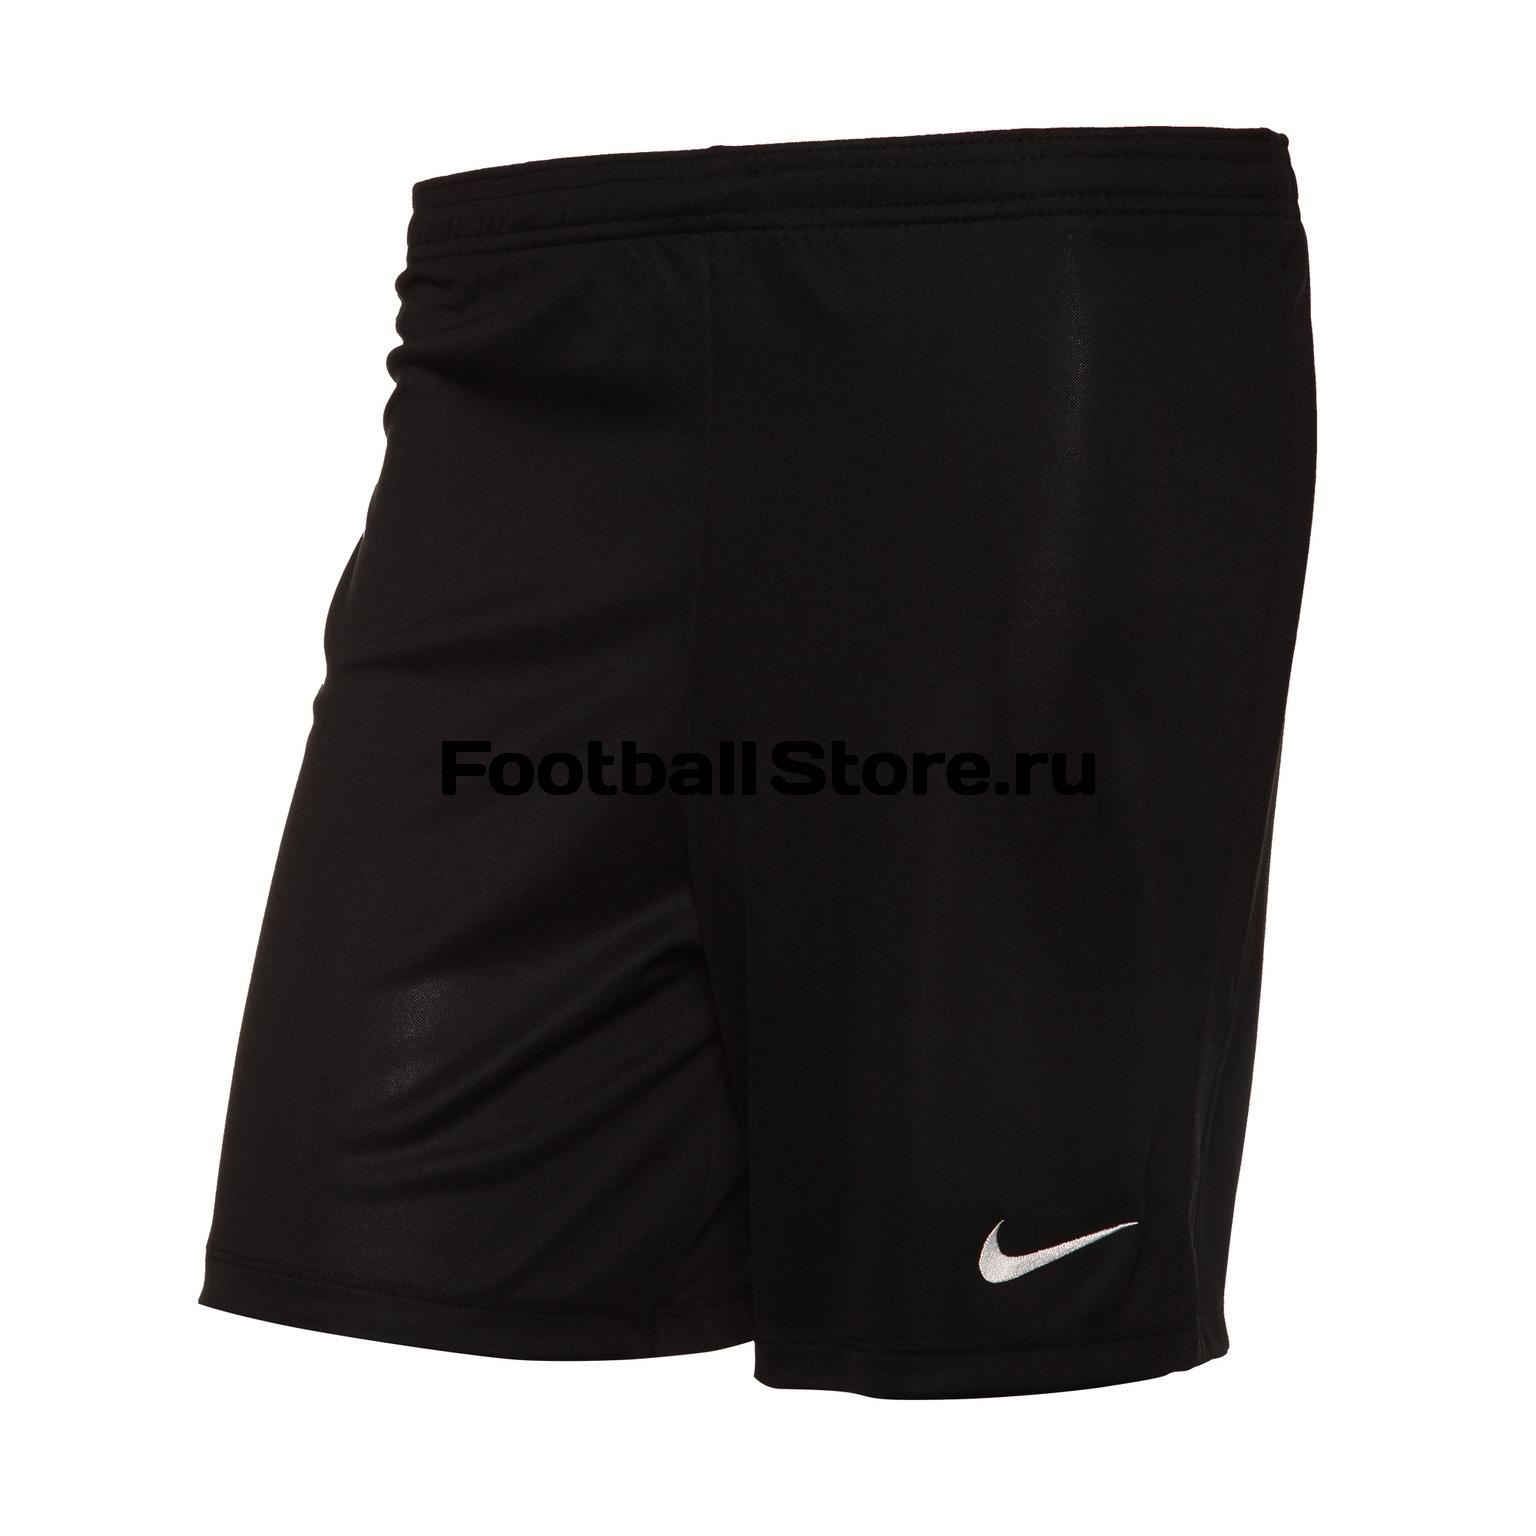 Шорты тренировочные Nike YTH Dry Academy18 Short 893748-010 шорты спортивные nike pro 3 short 589364 010